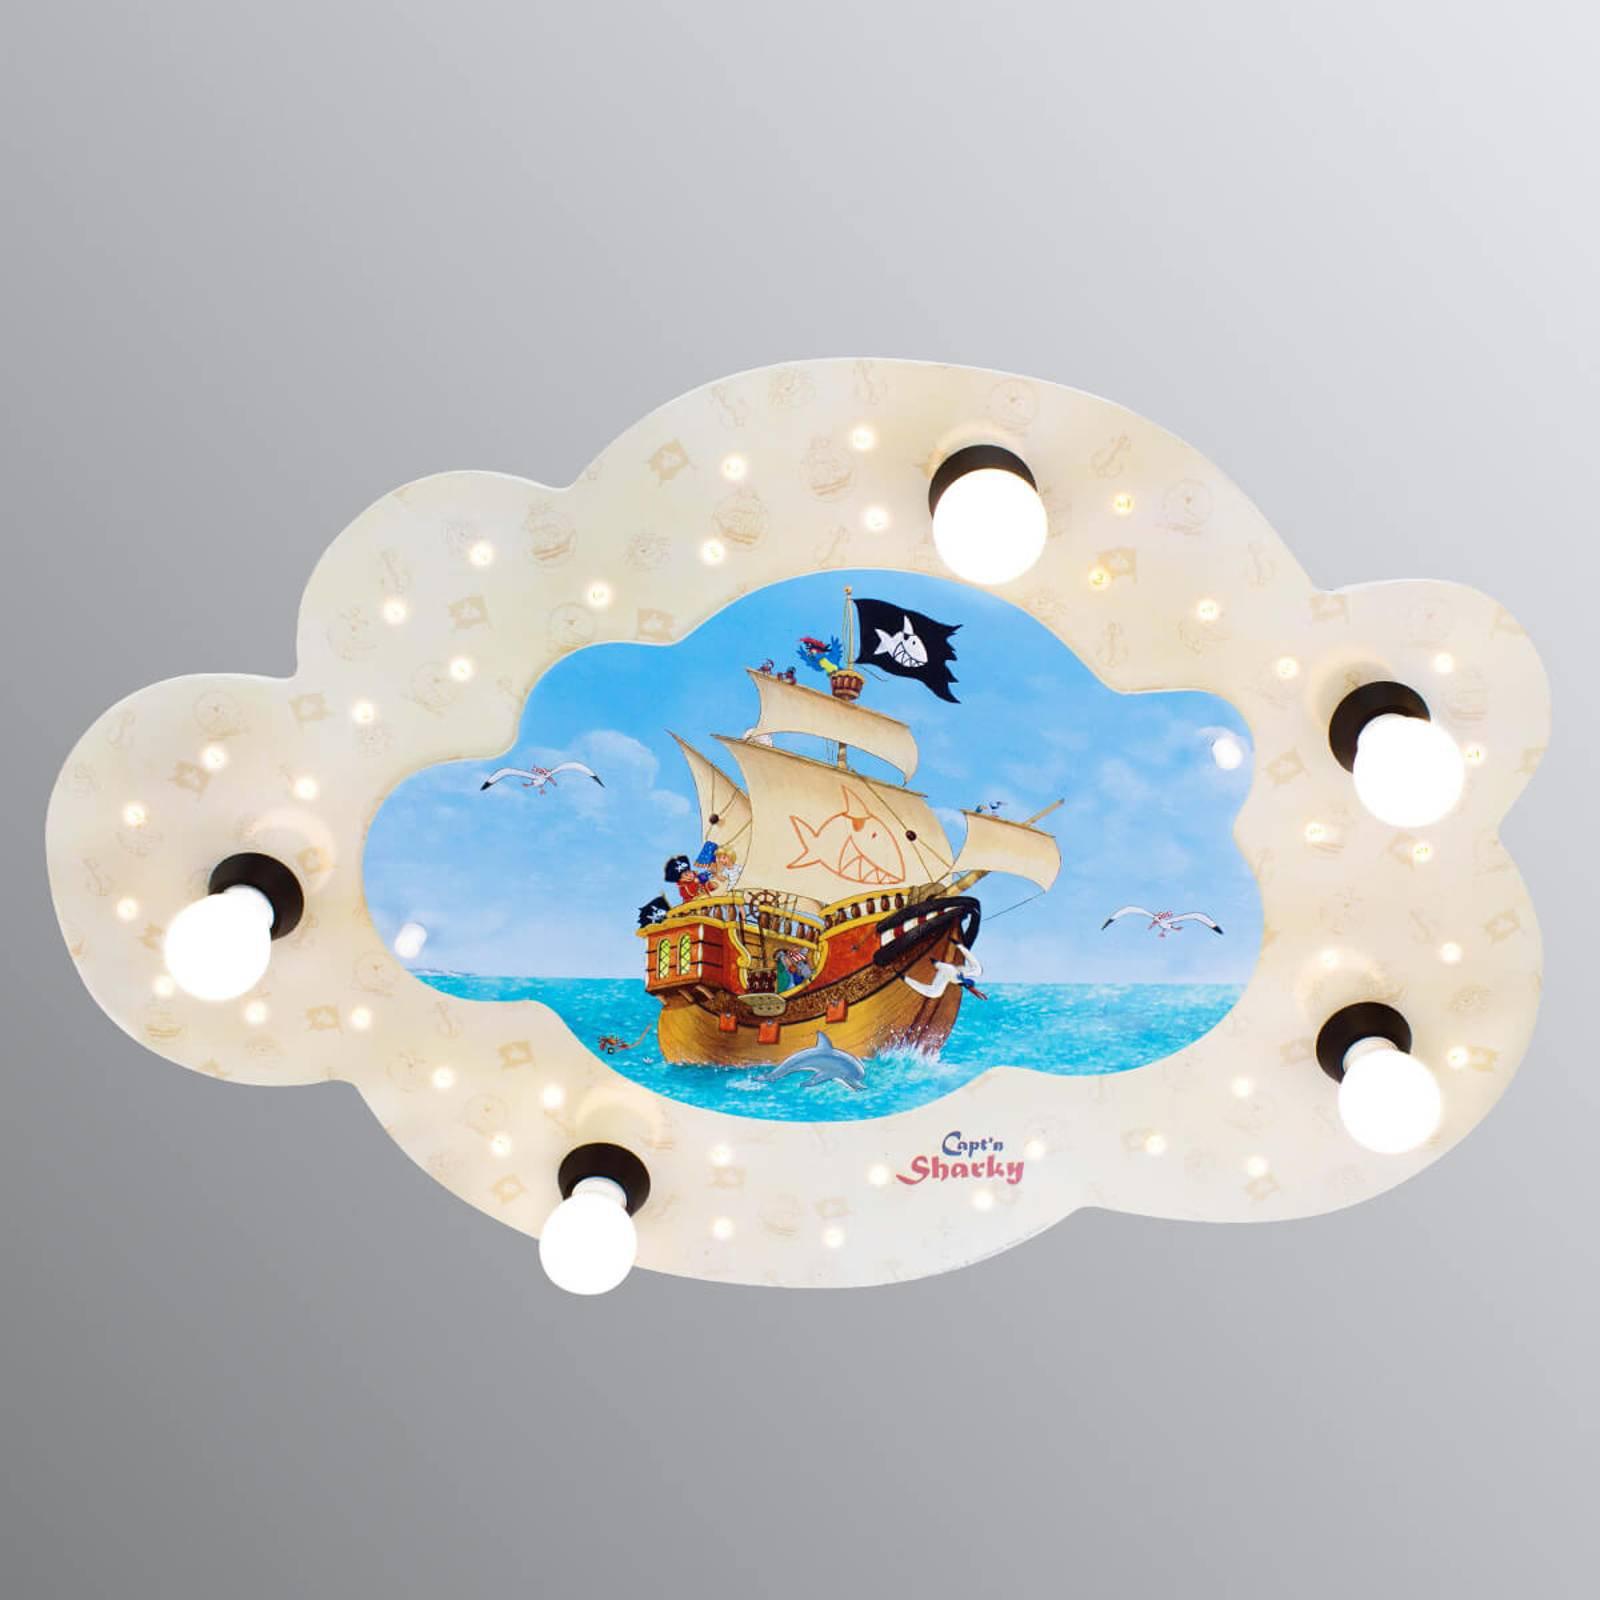 Skyformet taklampe Capt'n Sharky, LED-indikatorer